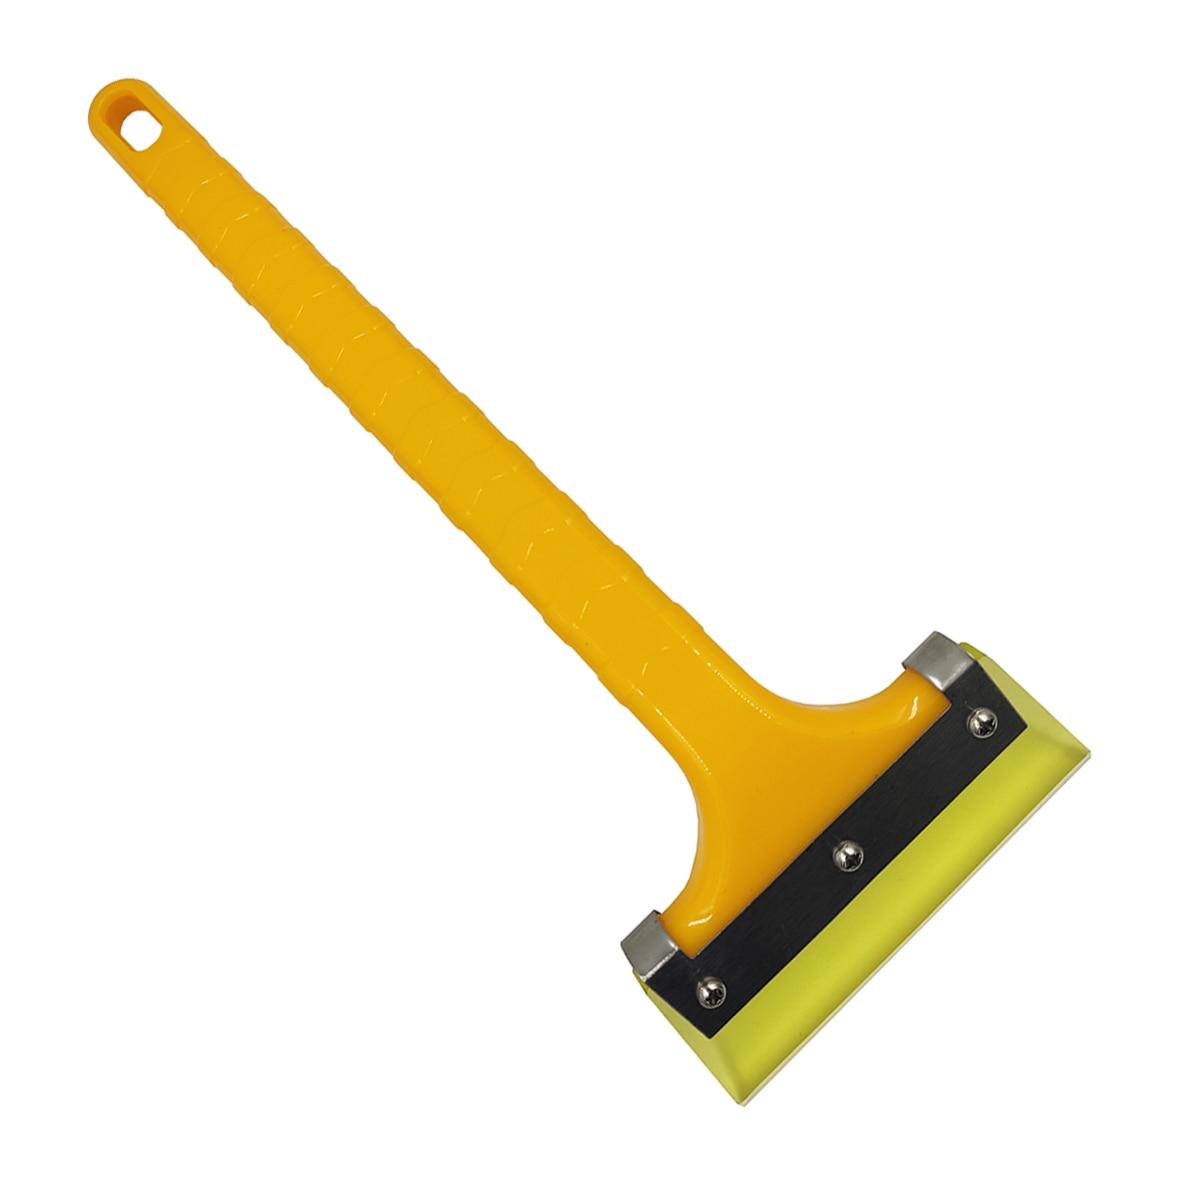 Rascador de hielo multifuncional para exteriores, herramienta de pala de nieve para coche, rascador de nieve para invierno, cepillo para ventana, parabrisas B43